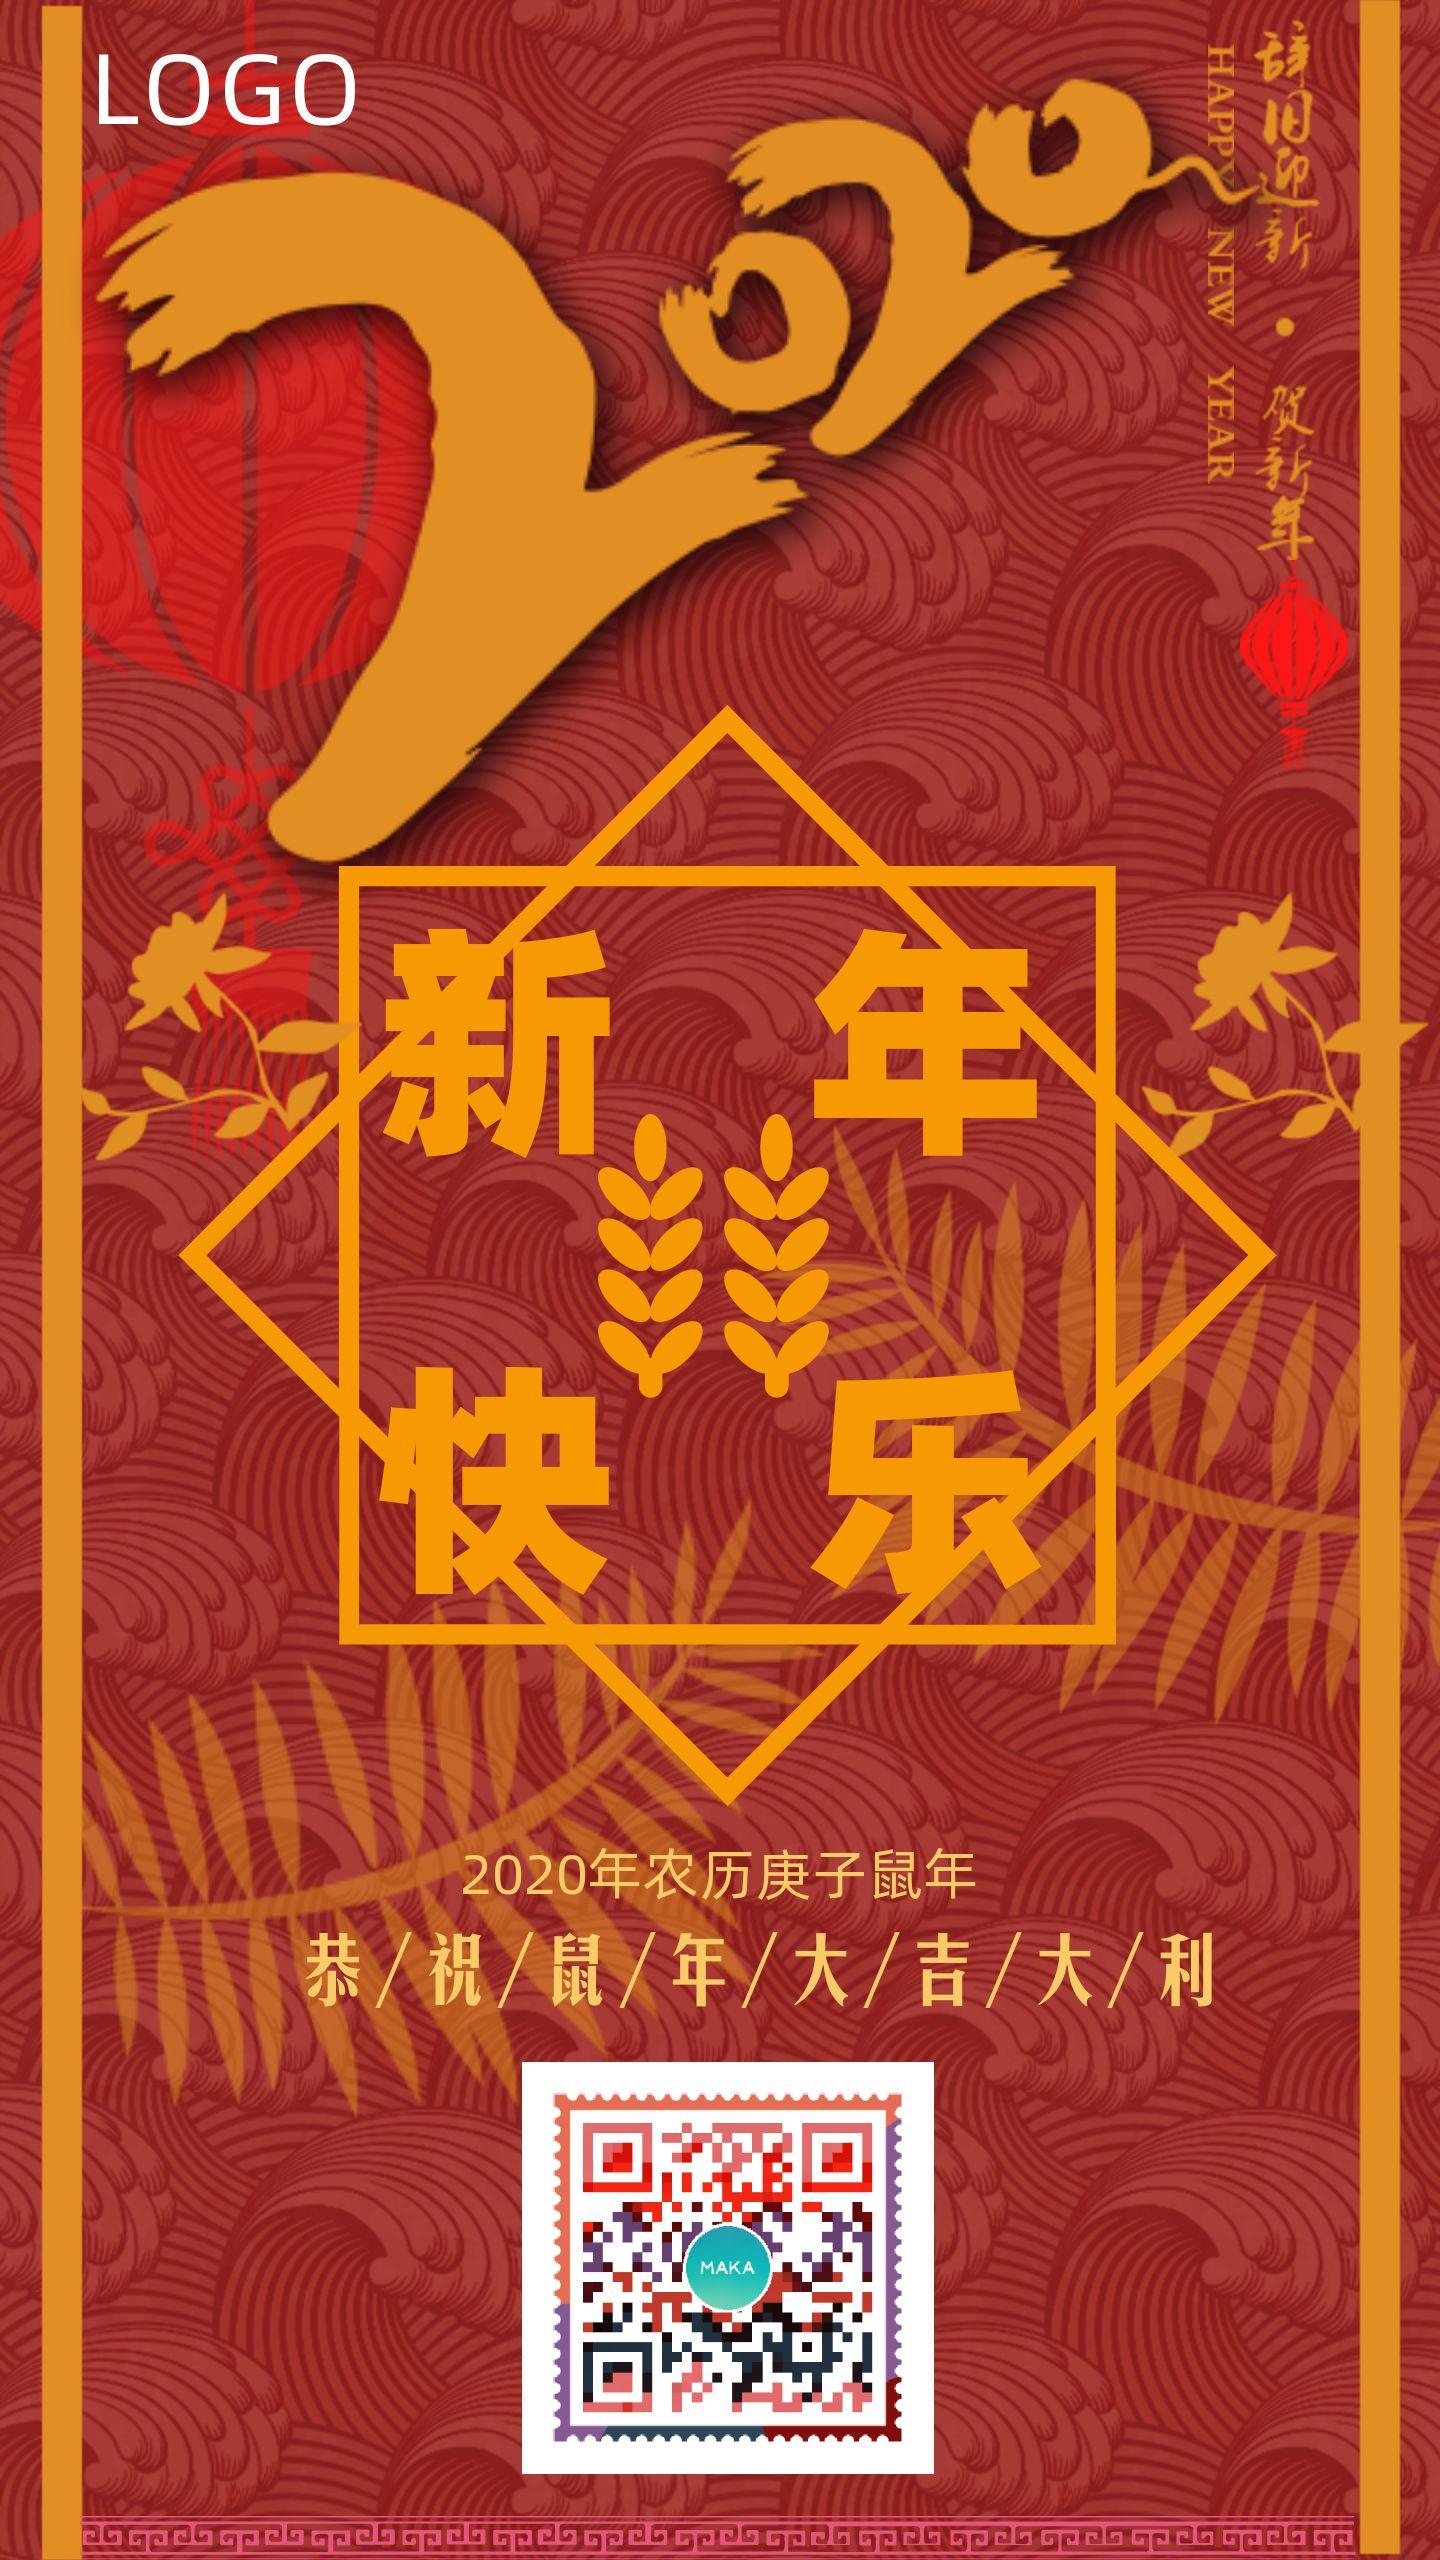 新春简约商业或个人新年祝福海报